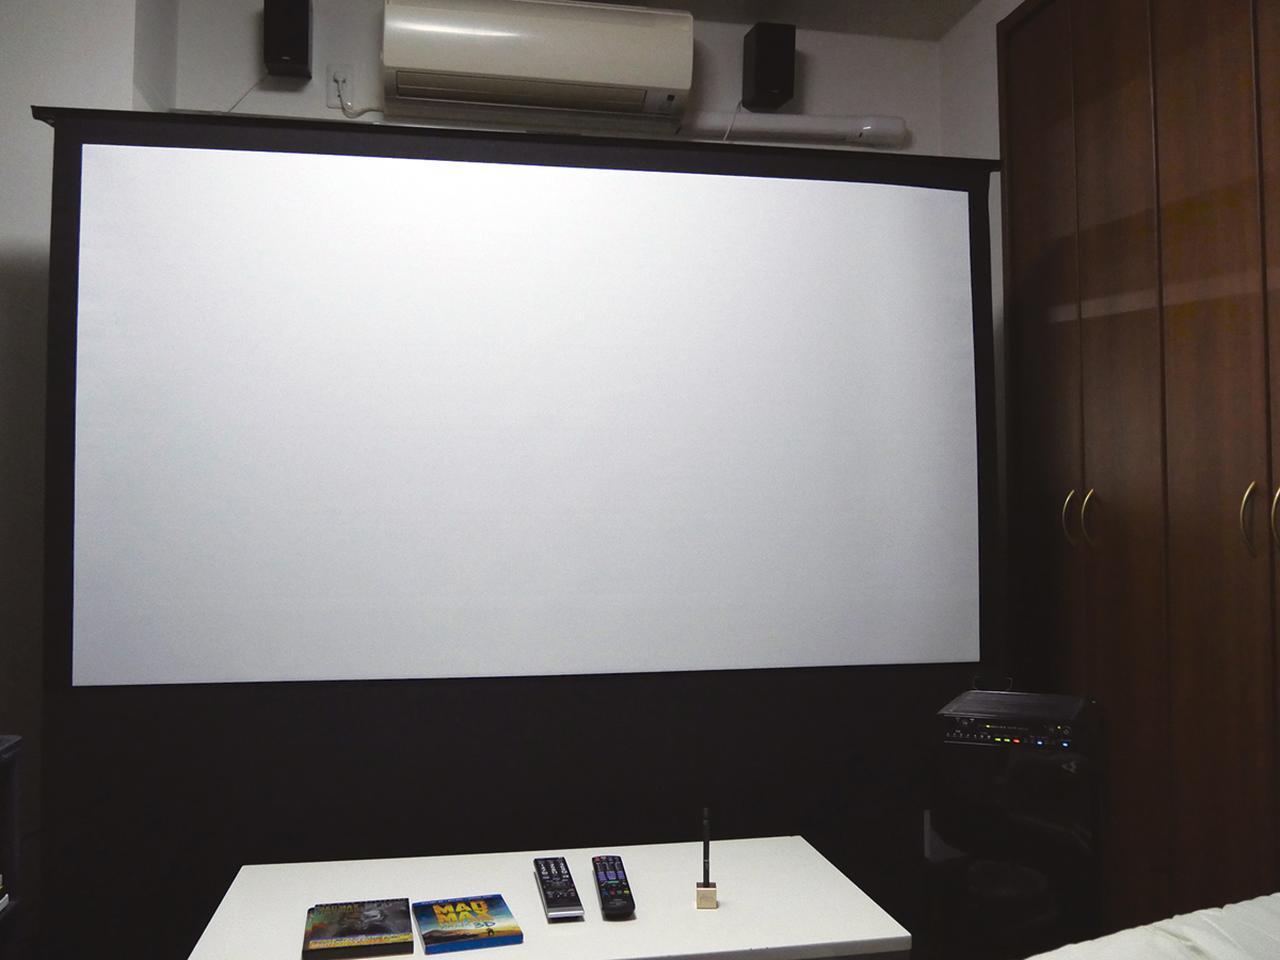 画像: Sの自宅のスクリーン(80インチ)。これまでは映写中に「禁煙」を貫いていたが、プルーム・テックなら気兼ねなく吸えるので、うれしい。